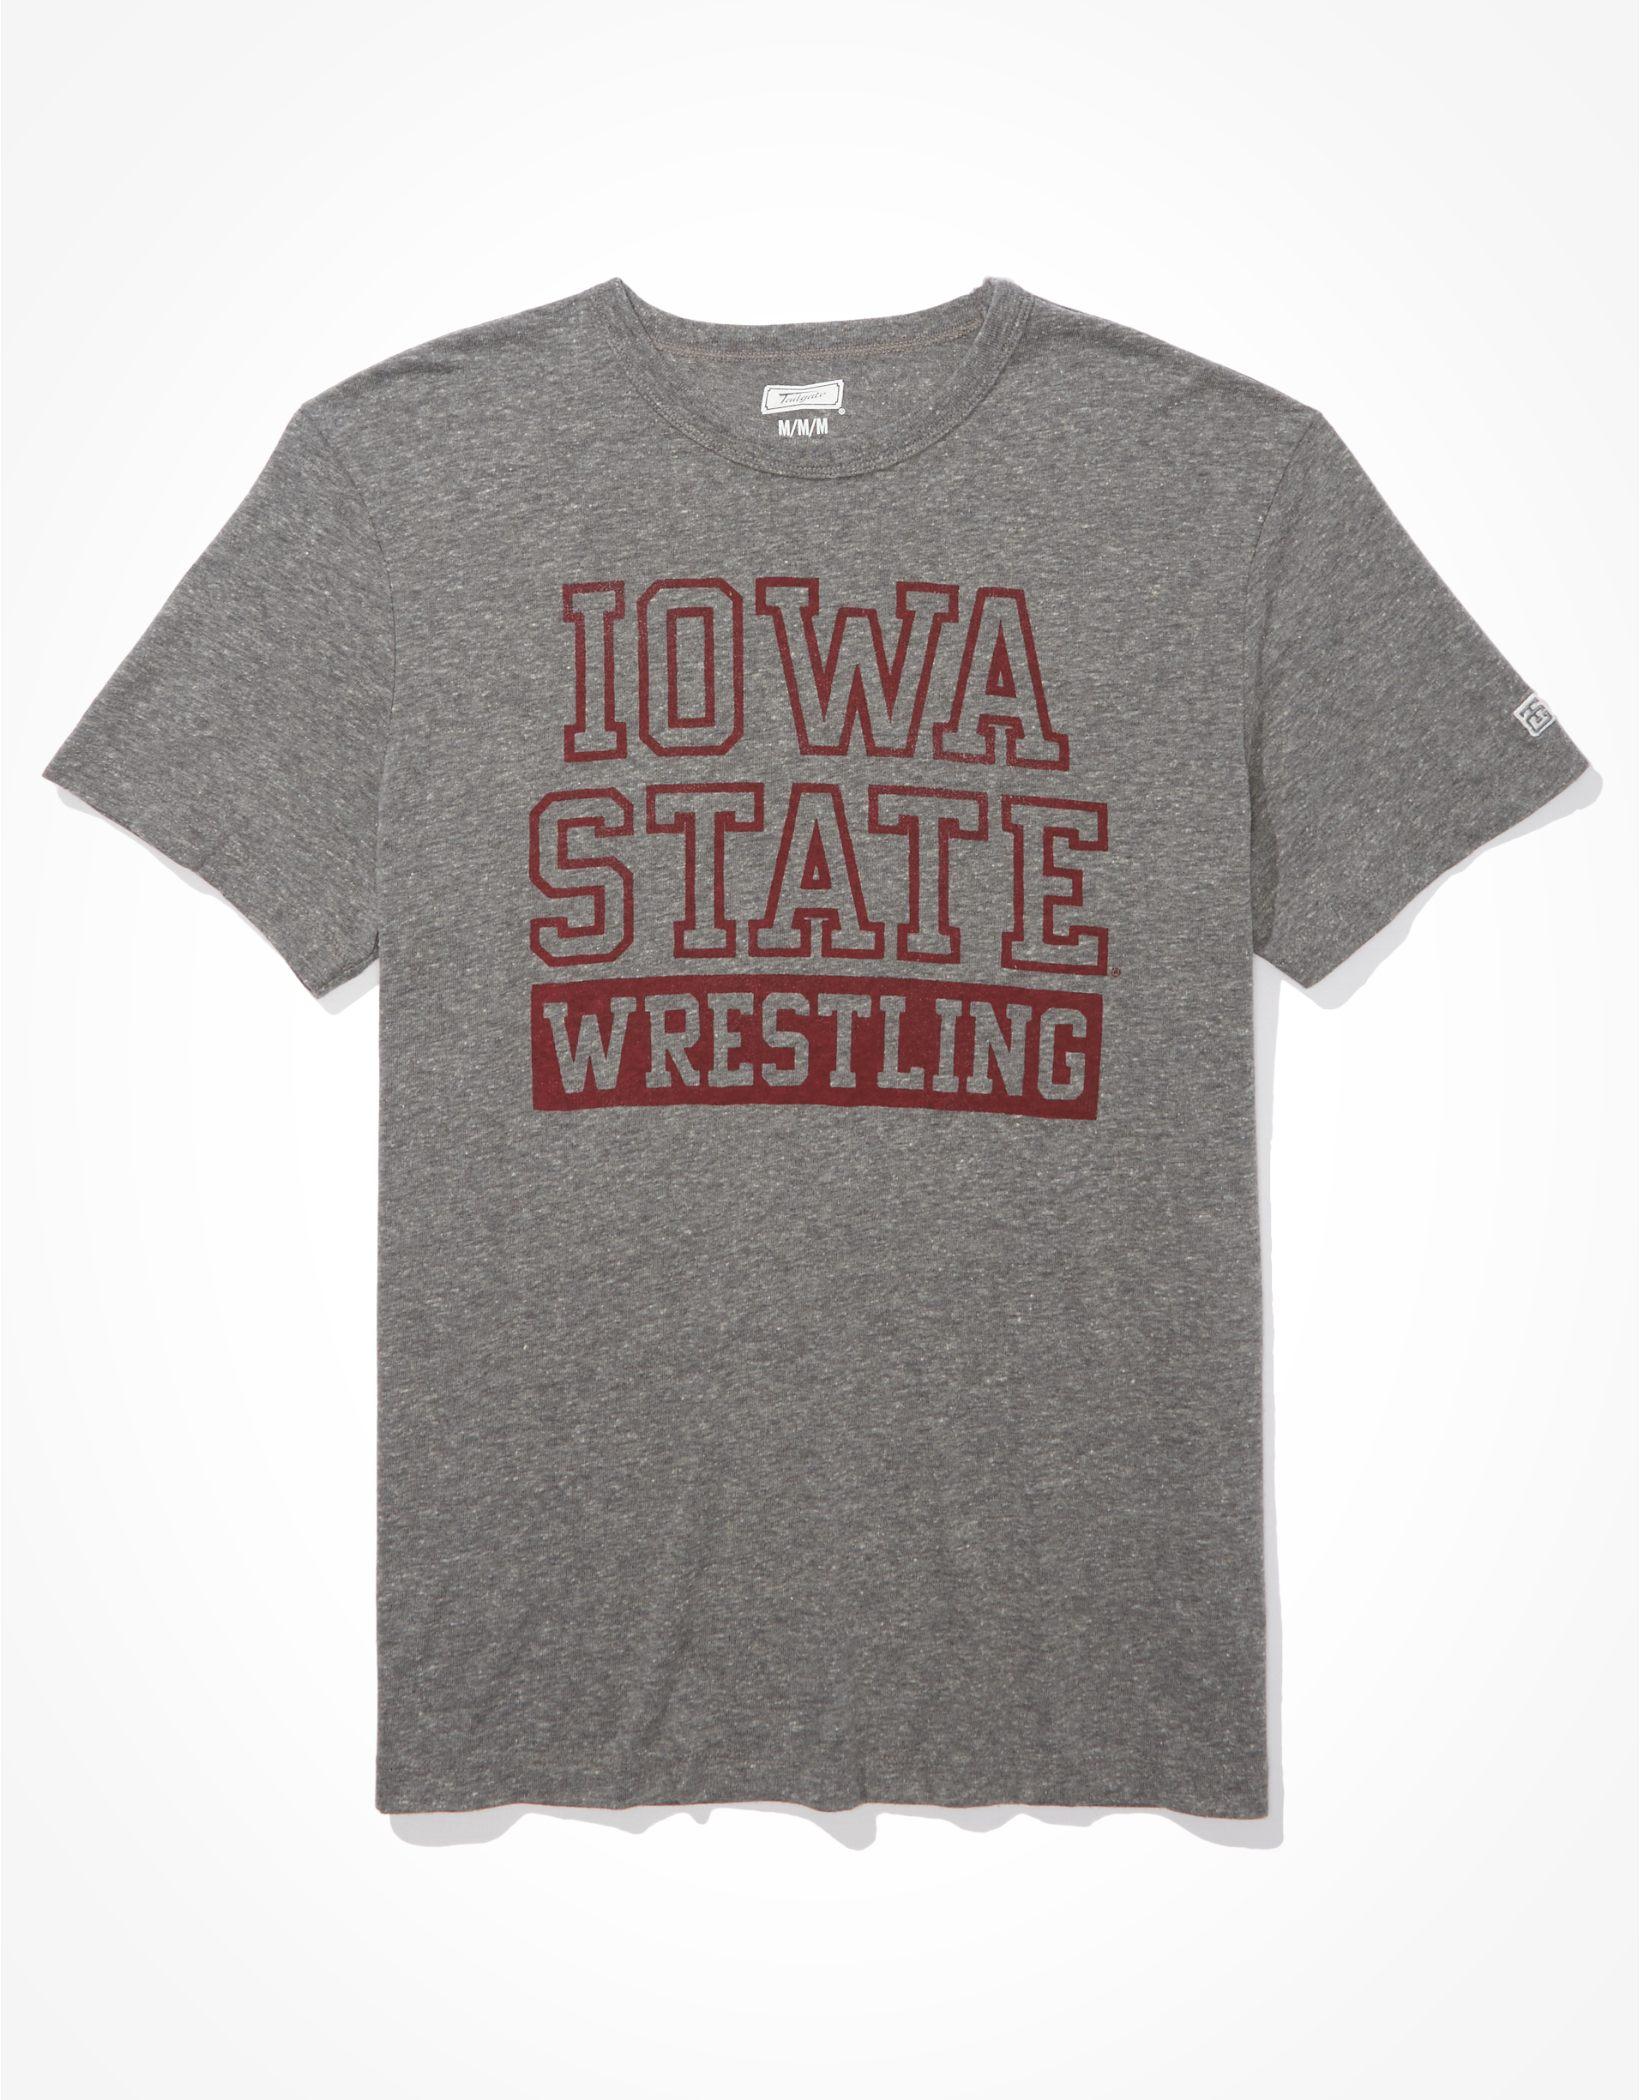 Tailgate Men's Iowa State Cyclones Wrestling Graphic T-Shirt